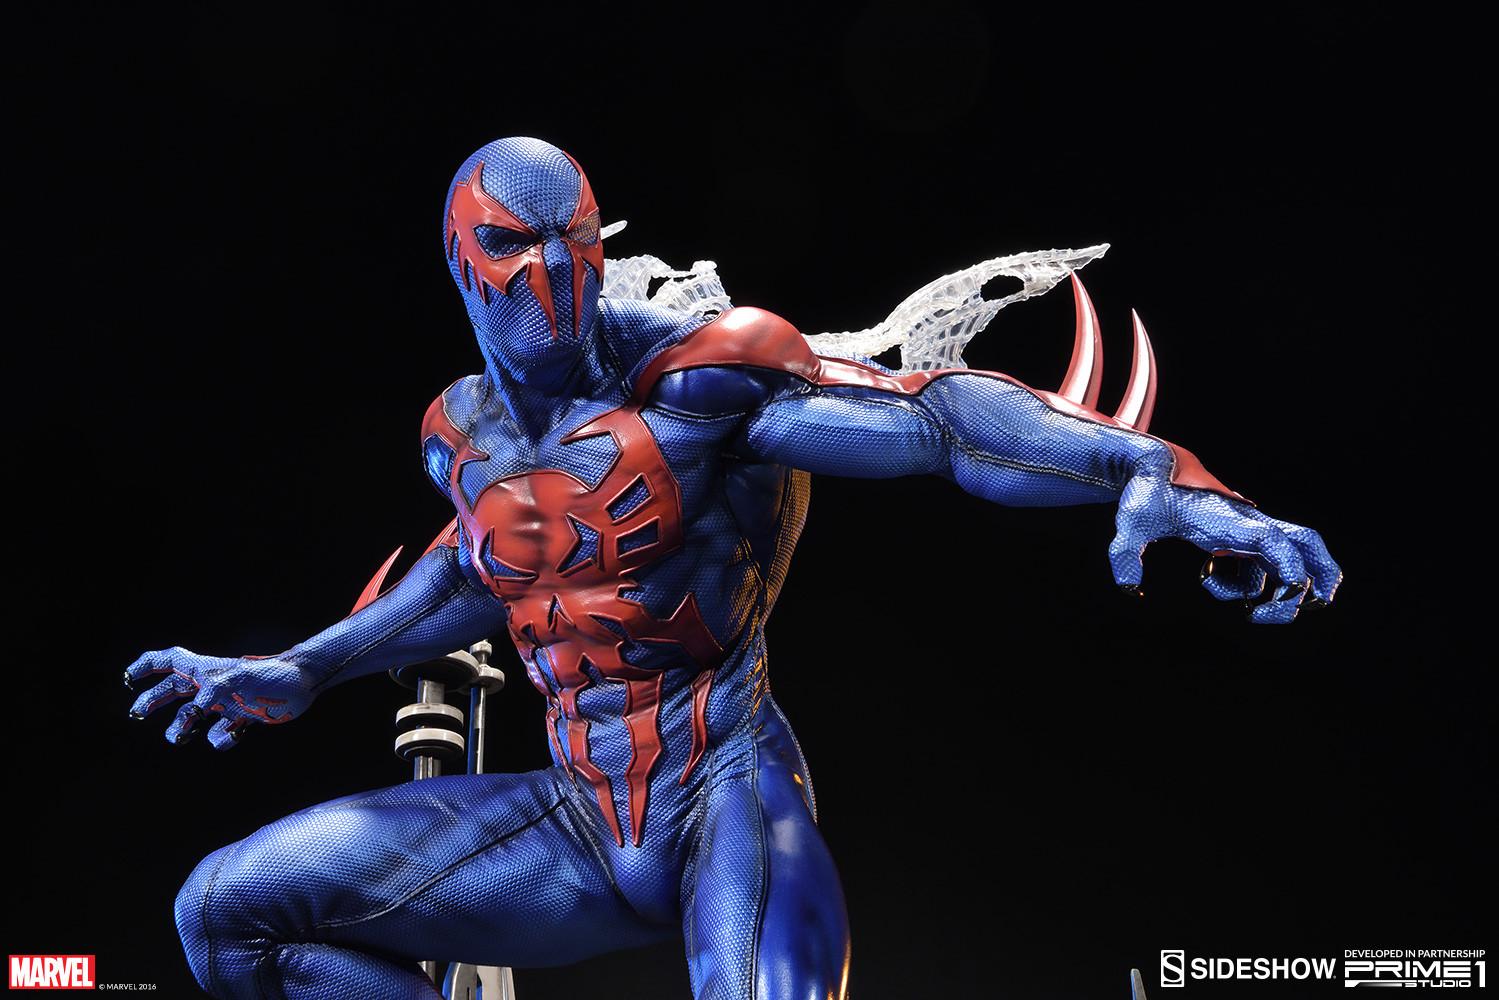 Bernardo yang cruzeiro marvel spider man 2099 staute prime1 300551 07